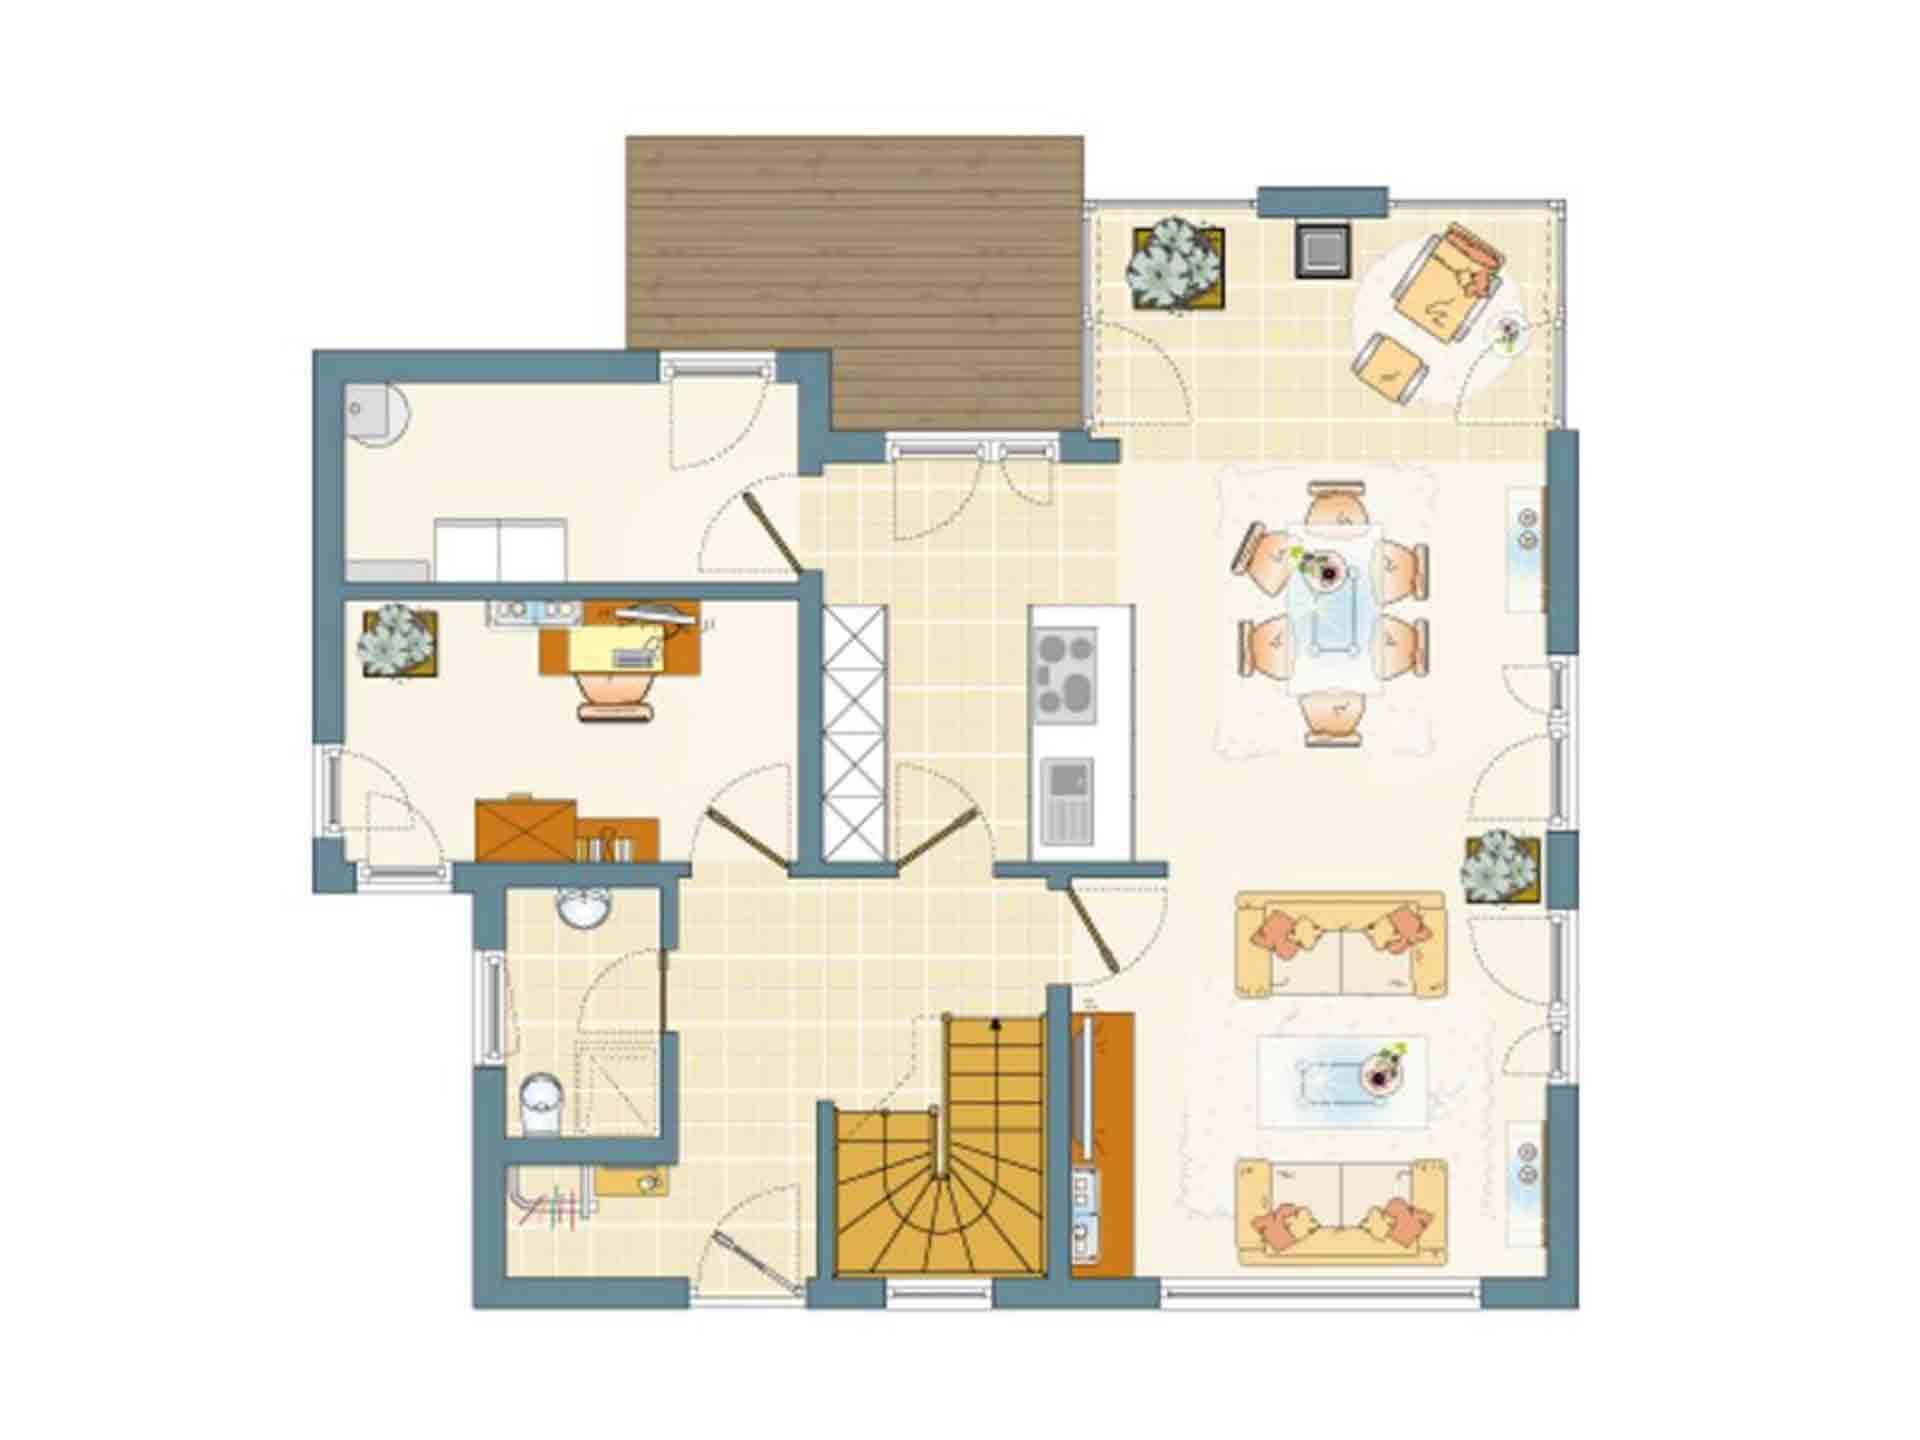 FLAIRplus – Musterhaus Marburg - Eine Nahaufnahme von einer Karte - Gebäudeplan